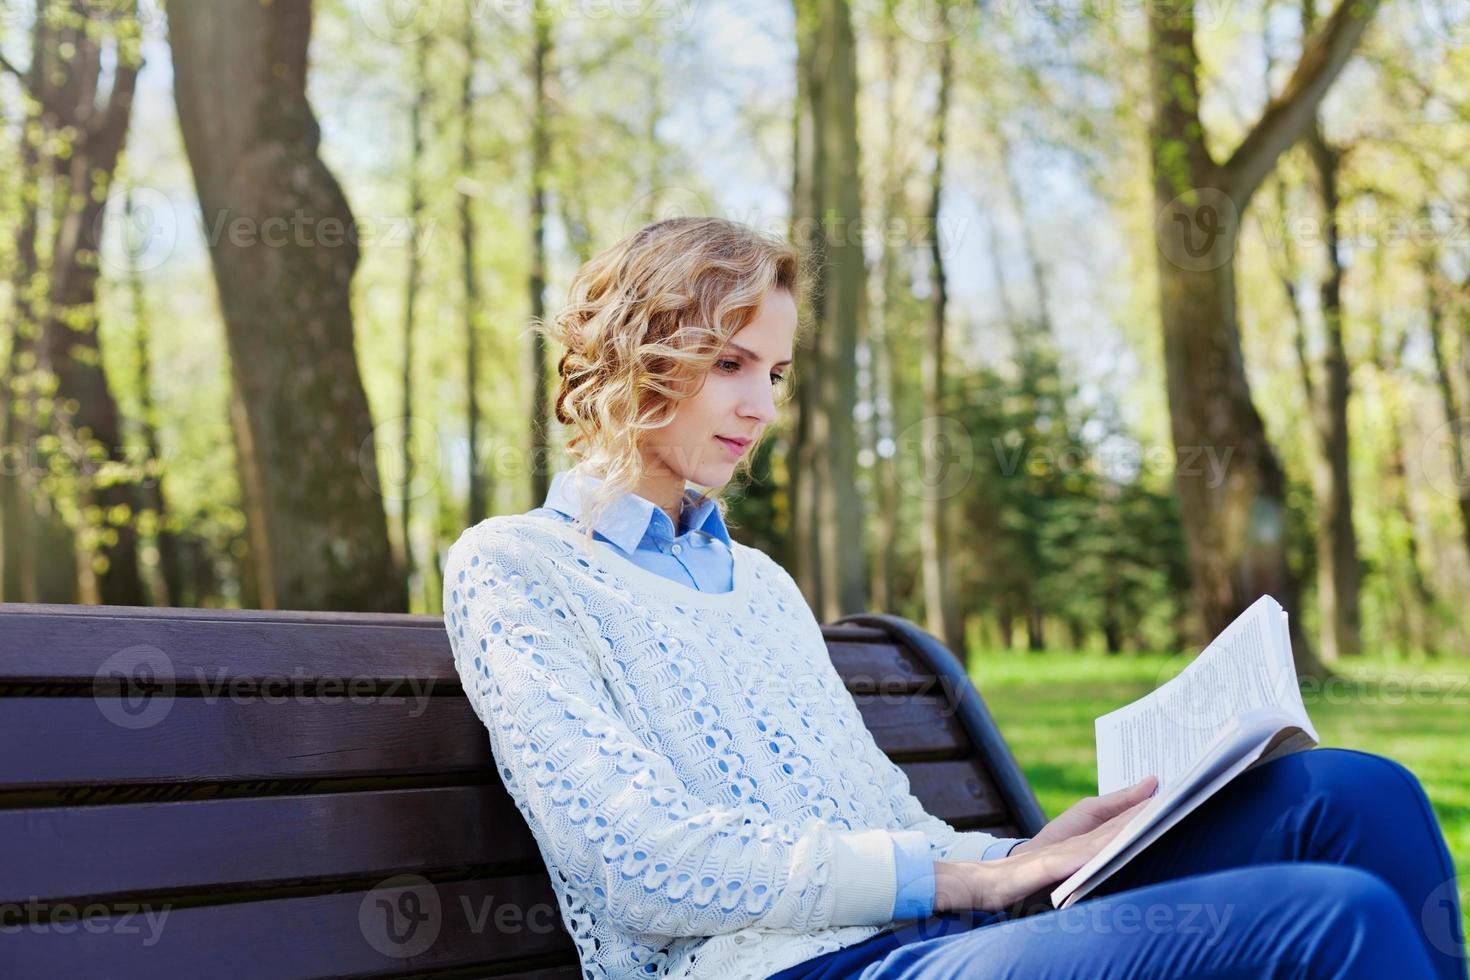 studentflickaläsebok i park, vetenskap och utbildningskoncept foto